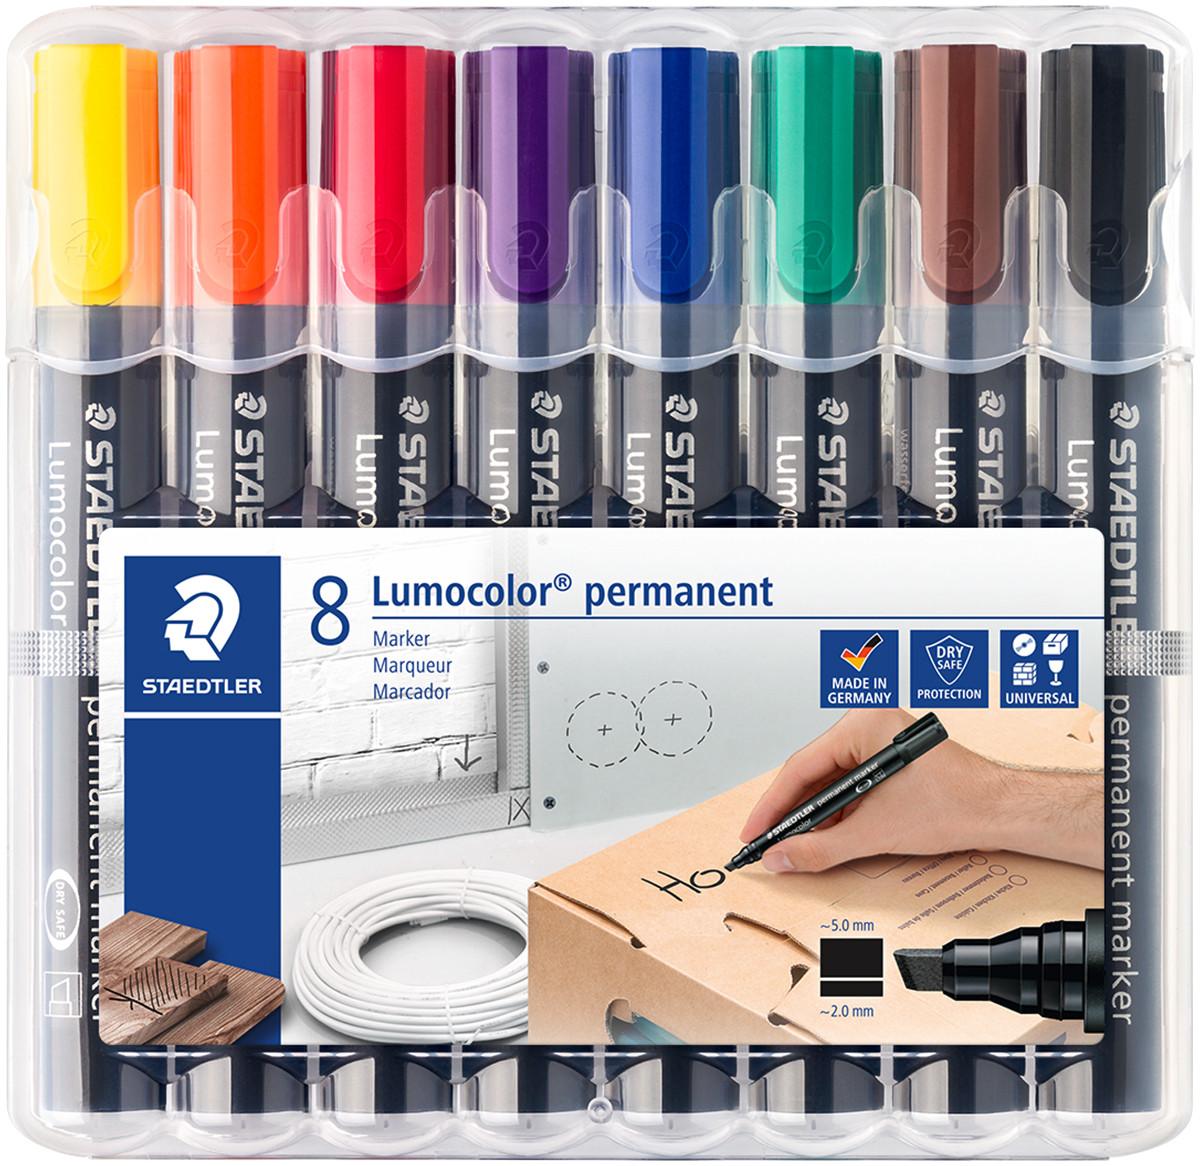 Staedtler Lumocolor Permanent Marker - Chisel Tip - Assorted Colours (Pack of 8)